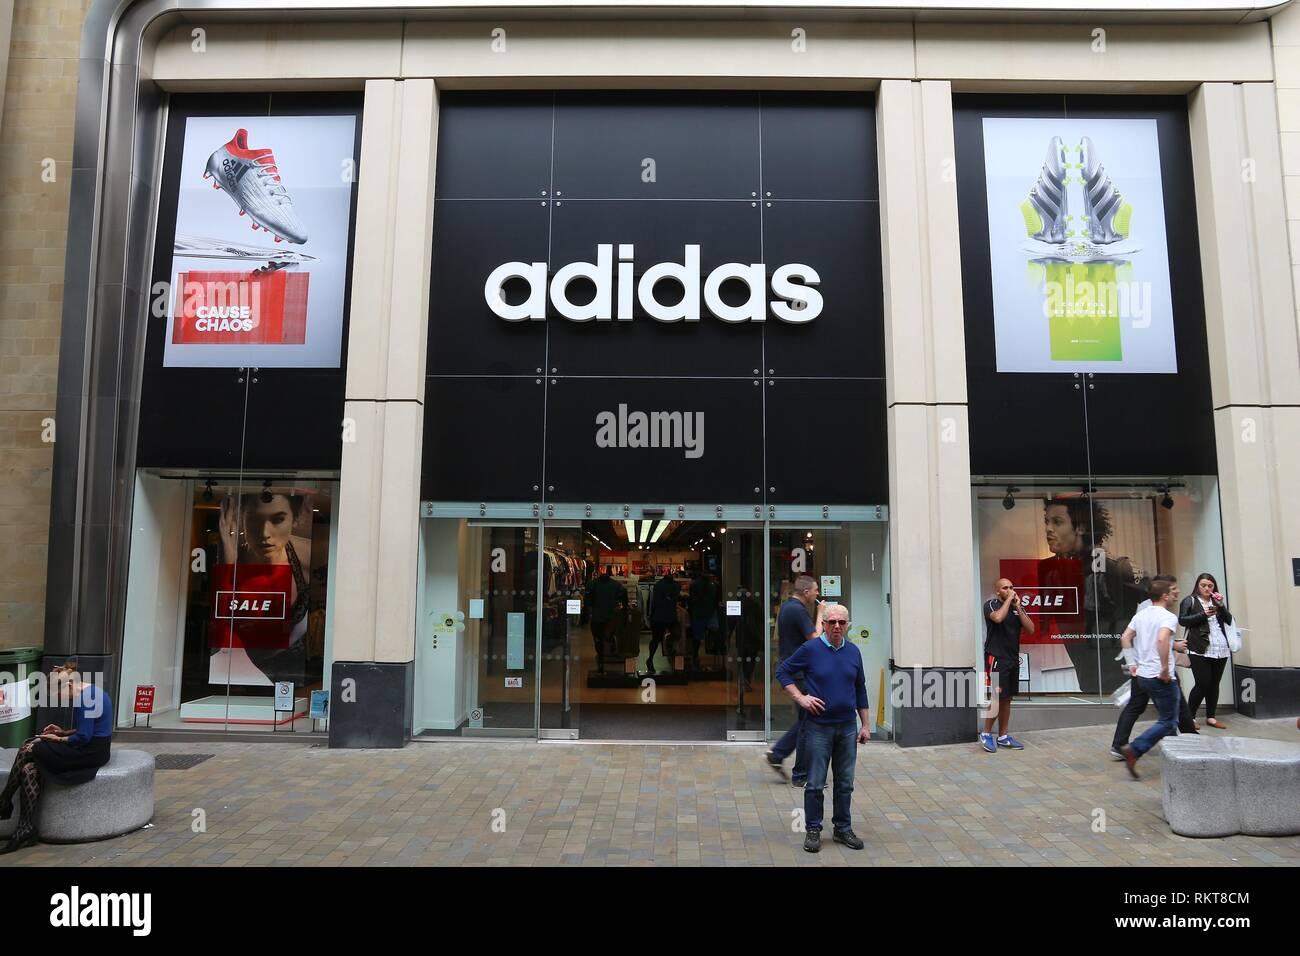 Adidas Shop Uk Stock Photos   Adidas Shop Uk Stock Images - Alamy 0d717c32ca